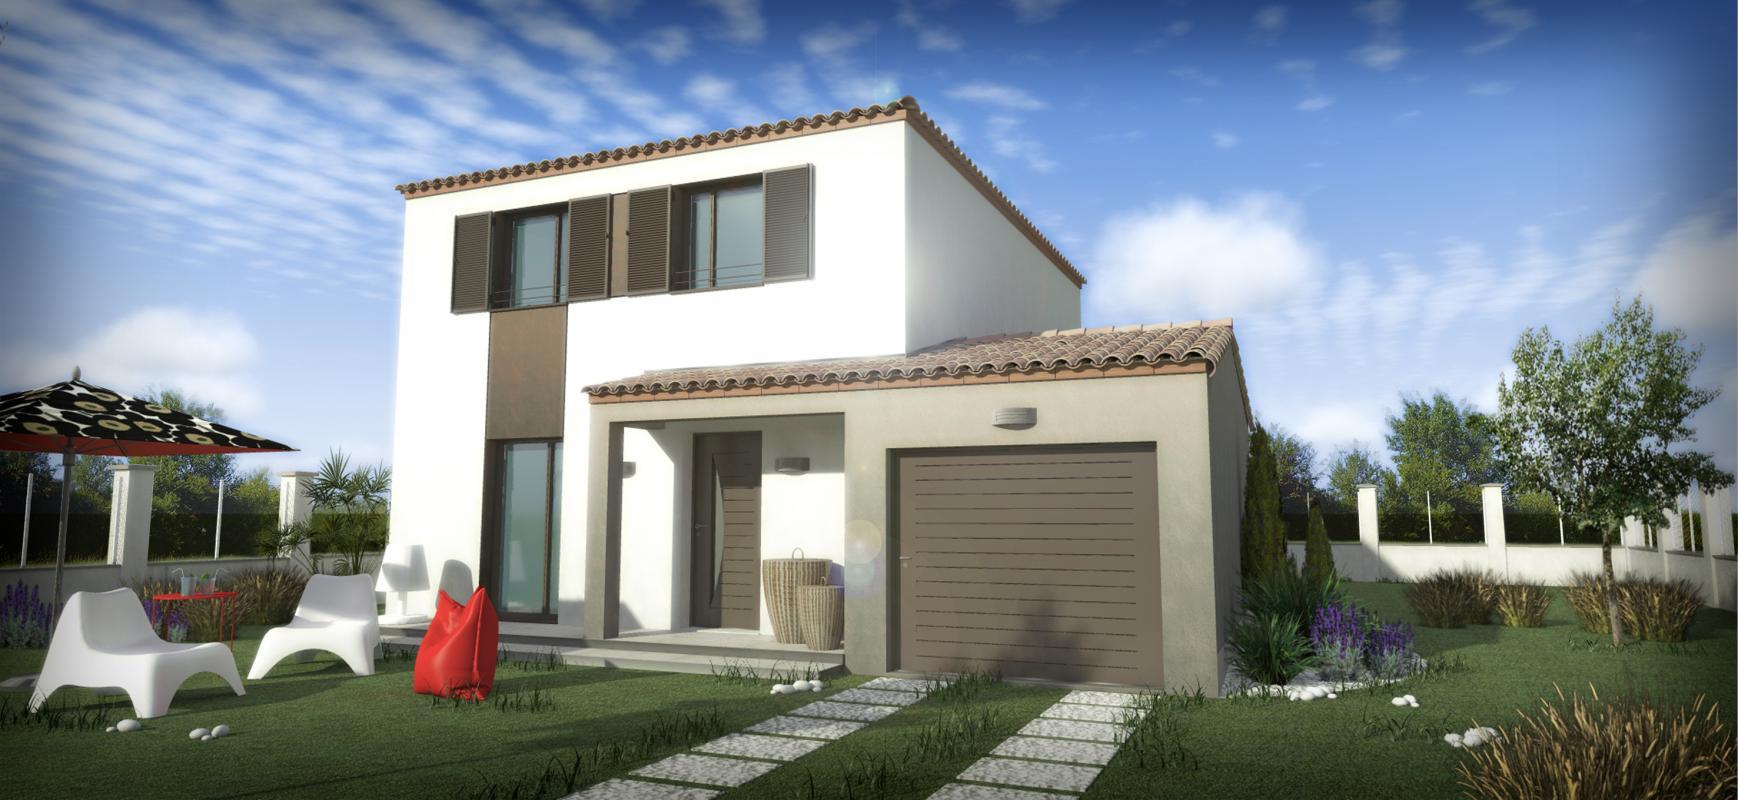 Maisons + Terrains du constructeur SM MAISON • 80 m² • SAINT JEAN LASSEILLE